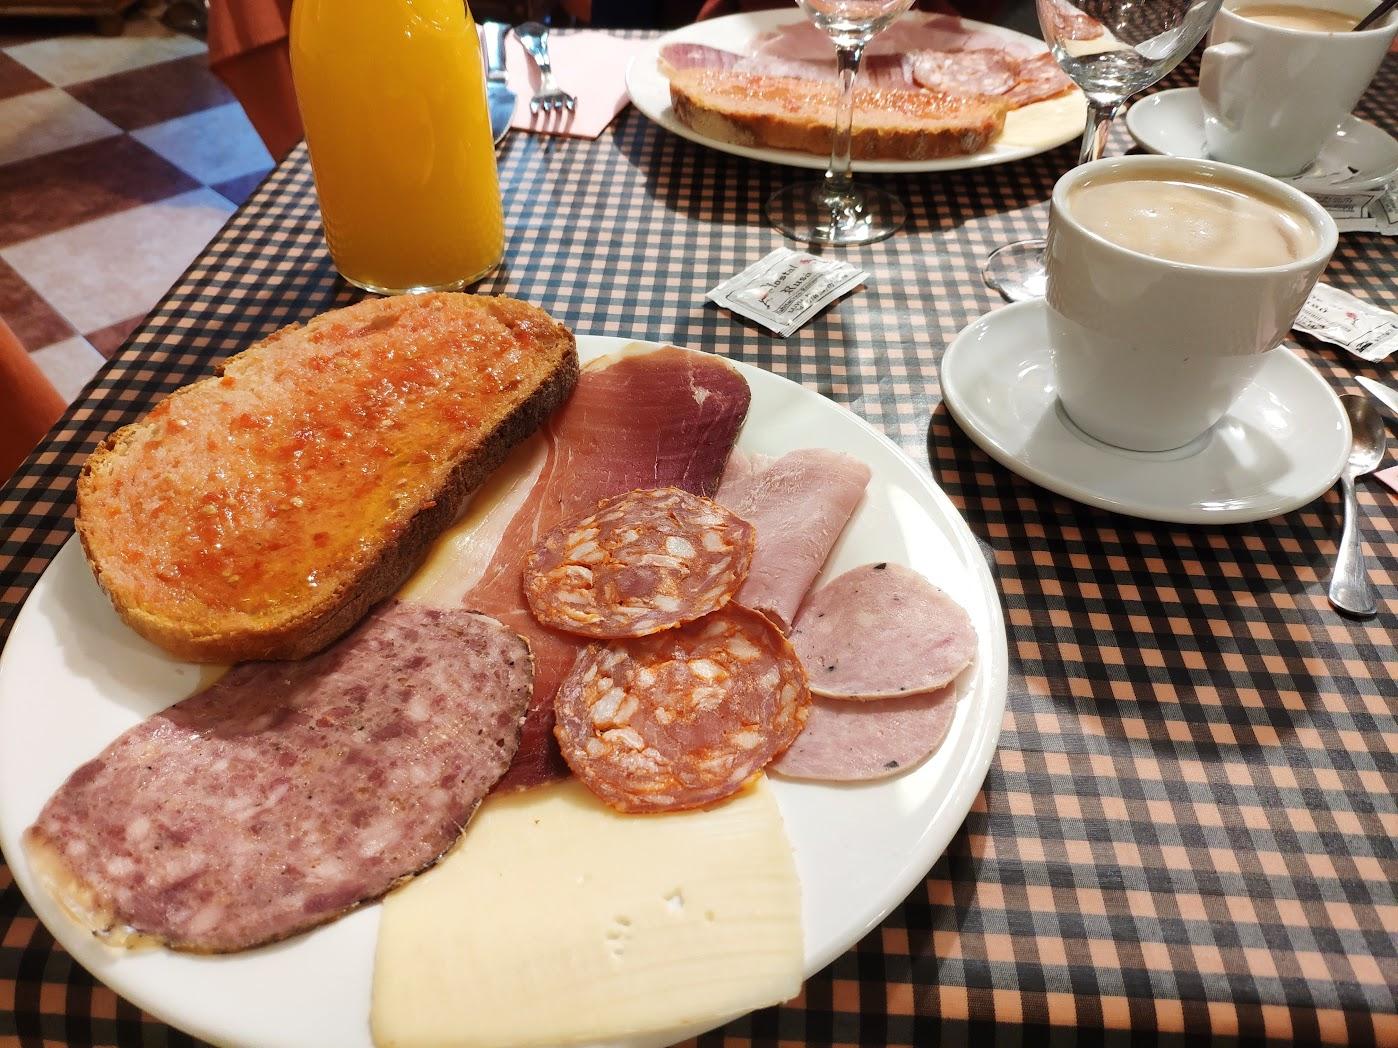 Desayuno en Hostal Rusó.